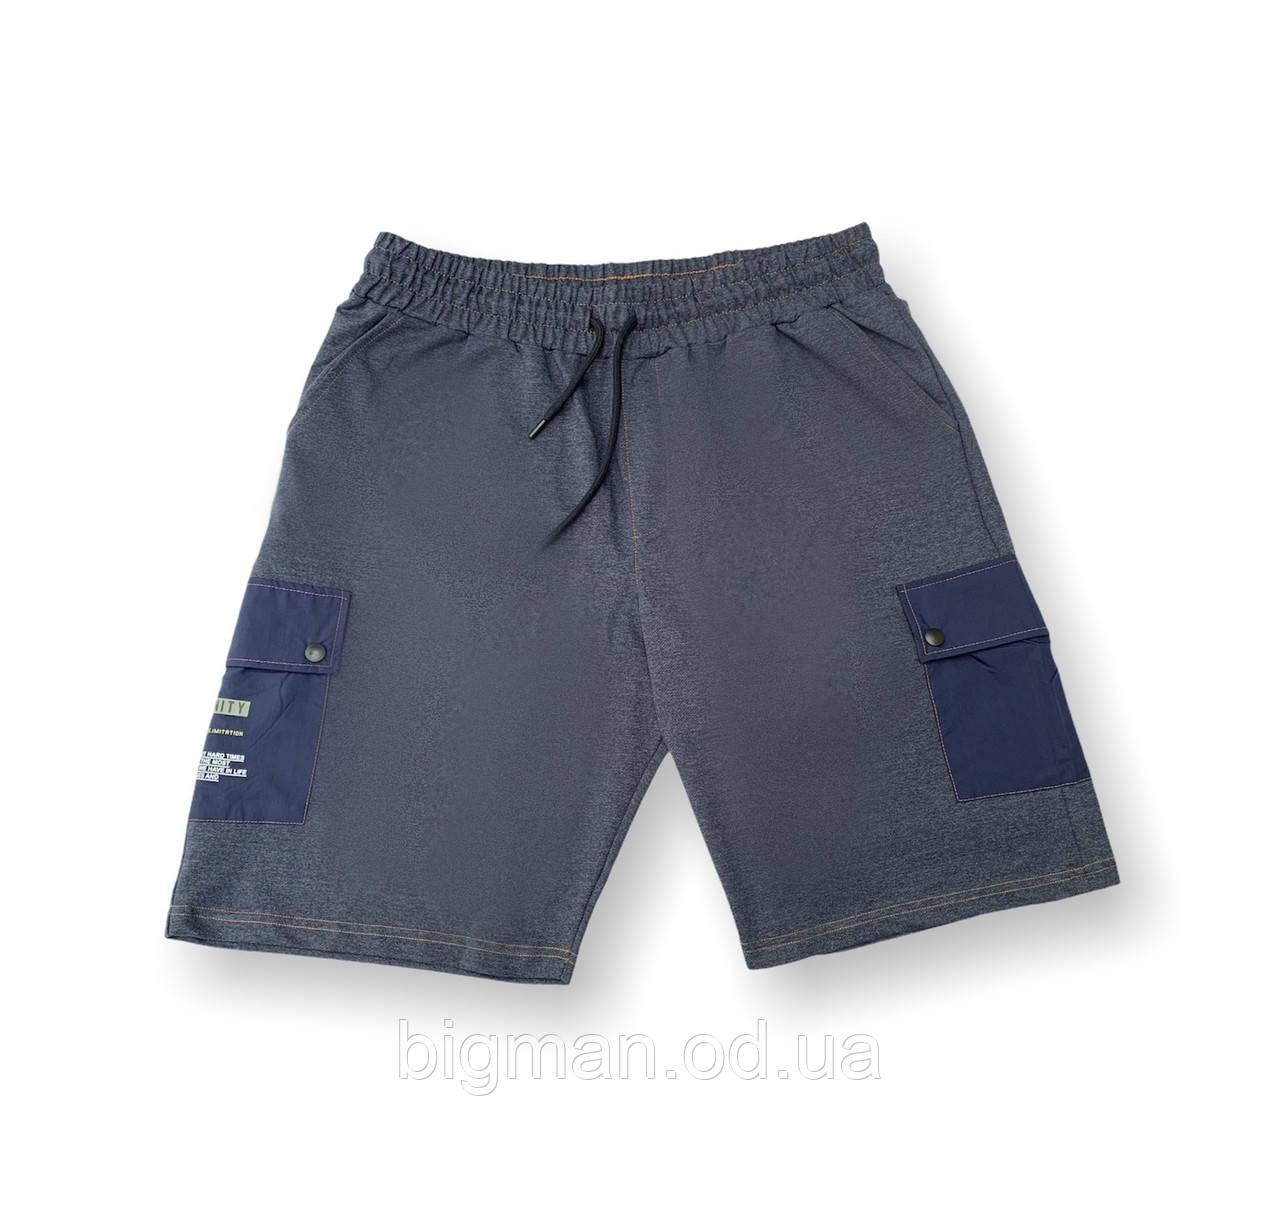 Мужские трикотажные батальные шорты синие большие размеры (2XL 6XL) ifc Турция